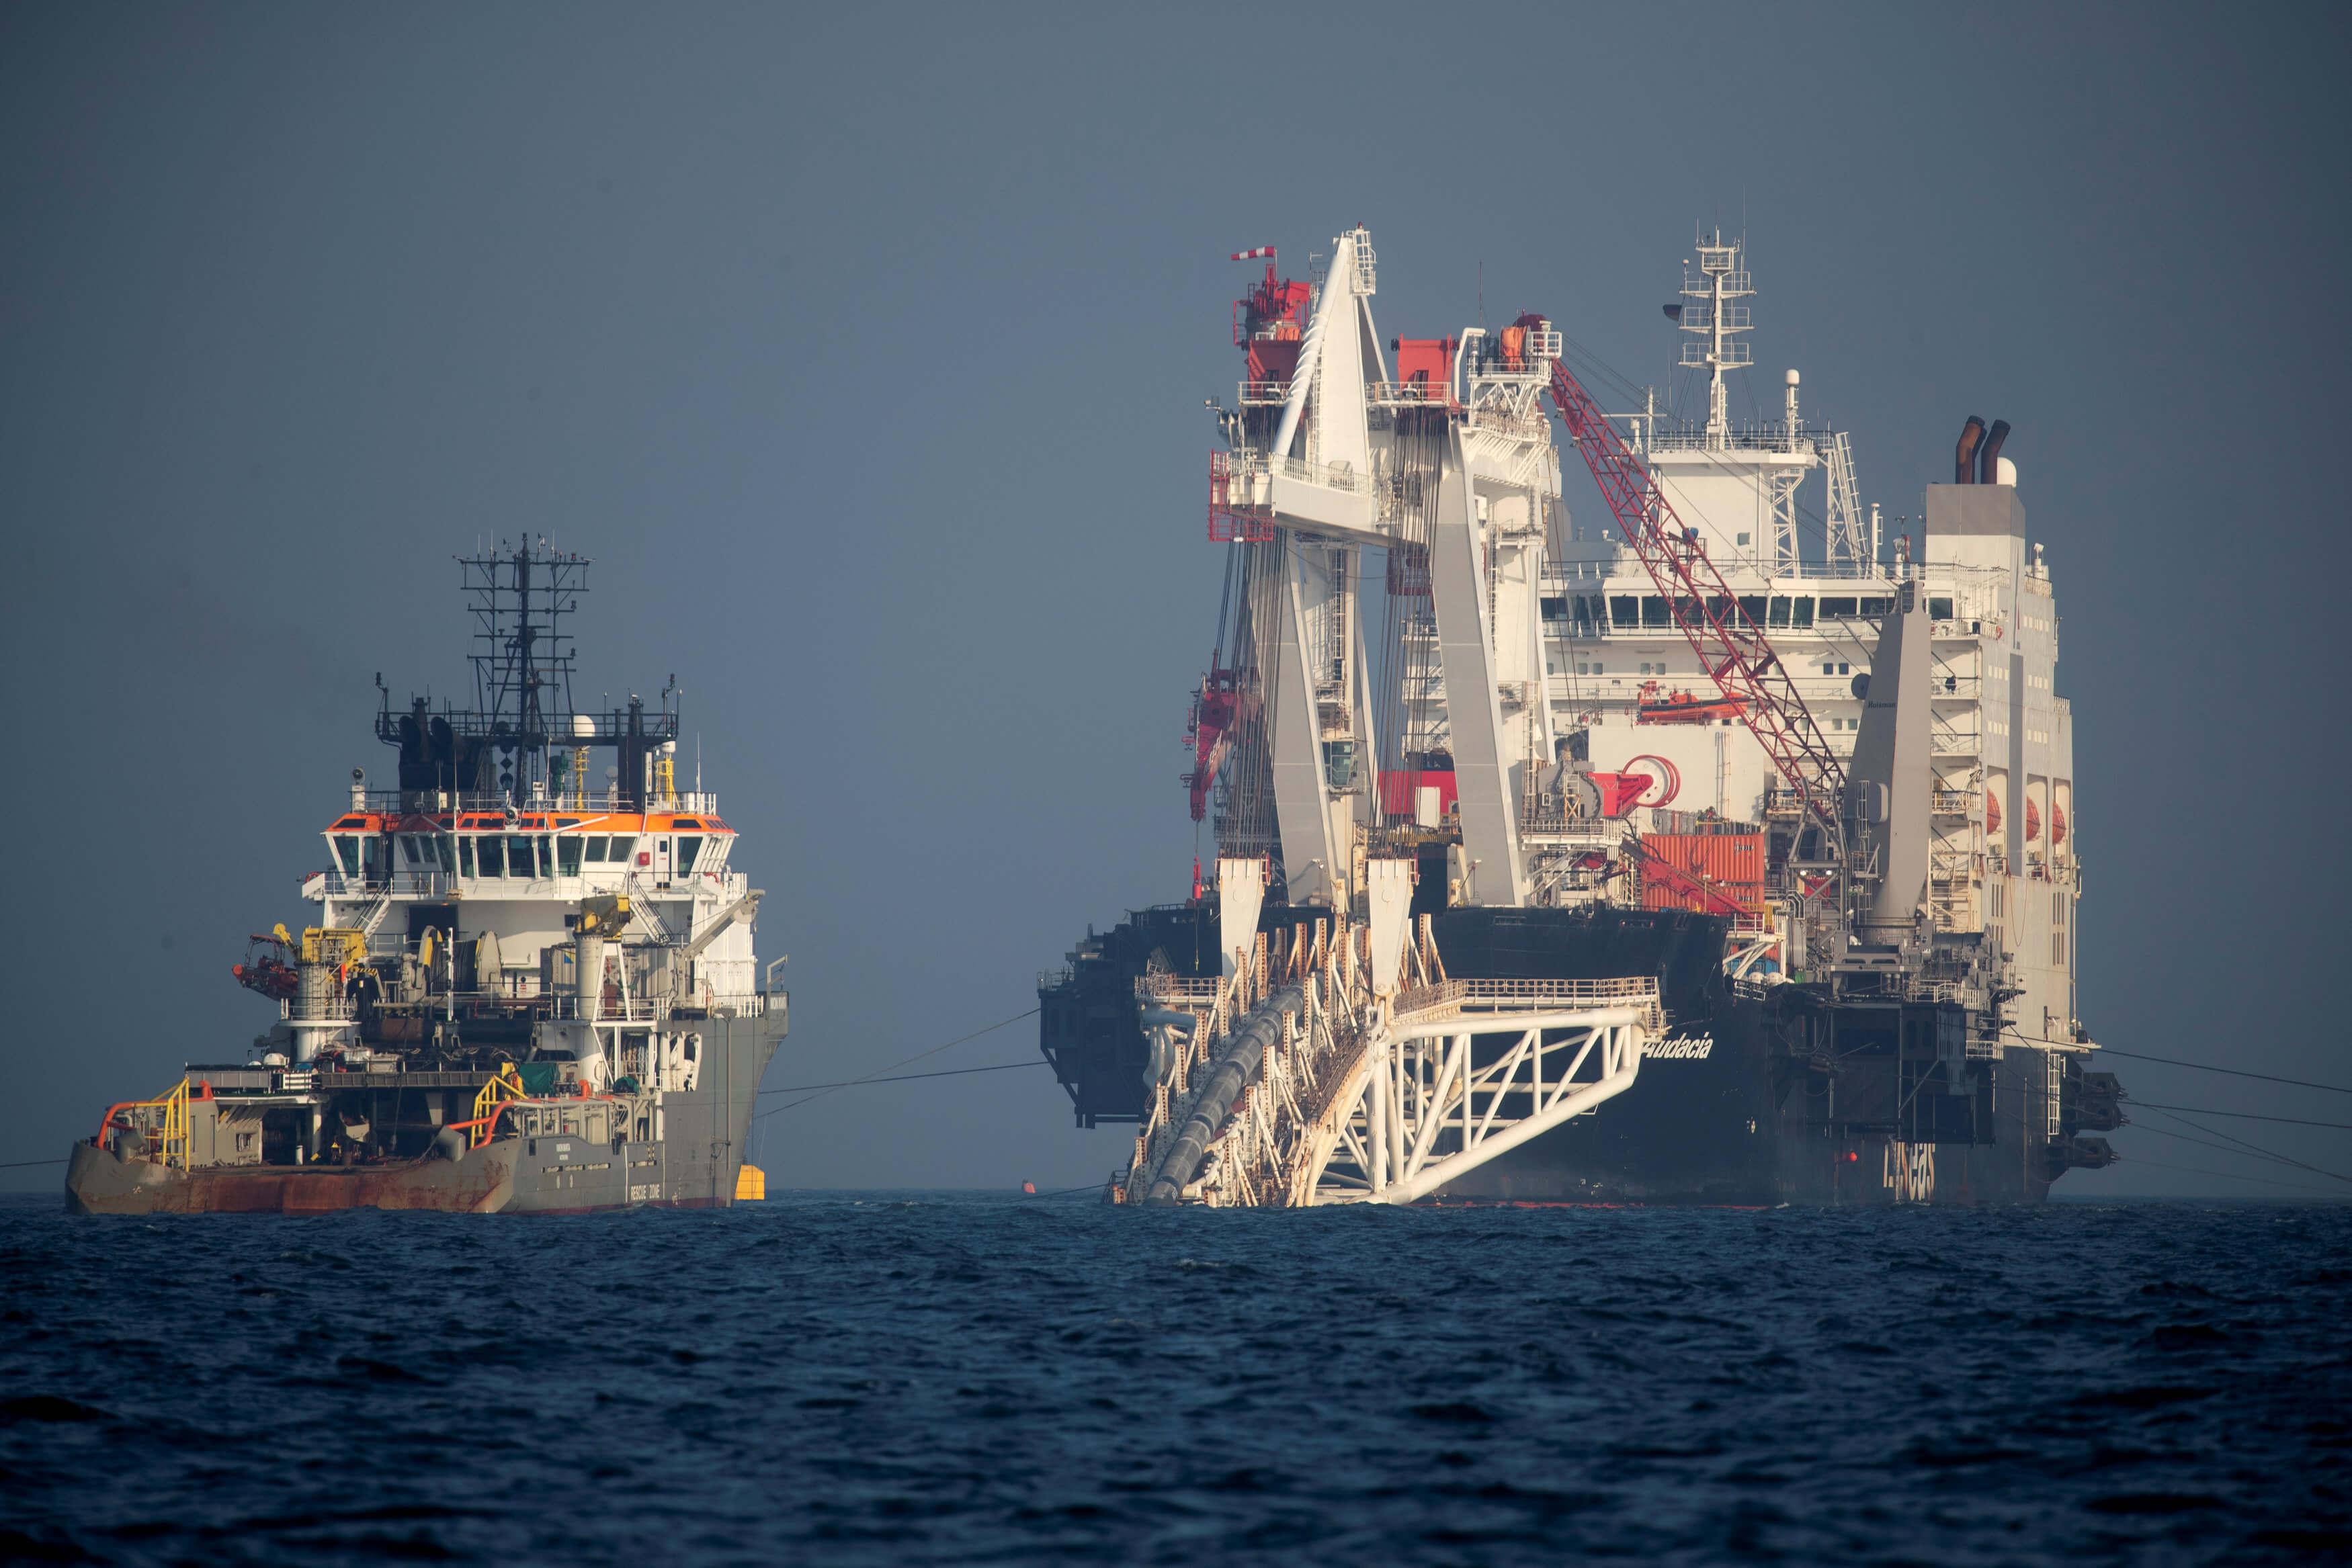 Ολοκληρώθηκε το 48% του αγωγού Nord Stream-2 από την Gazprom -  Στα 9,5 δισεκατομμύρια ευρώ το κόστος του έργου